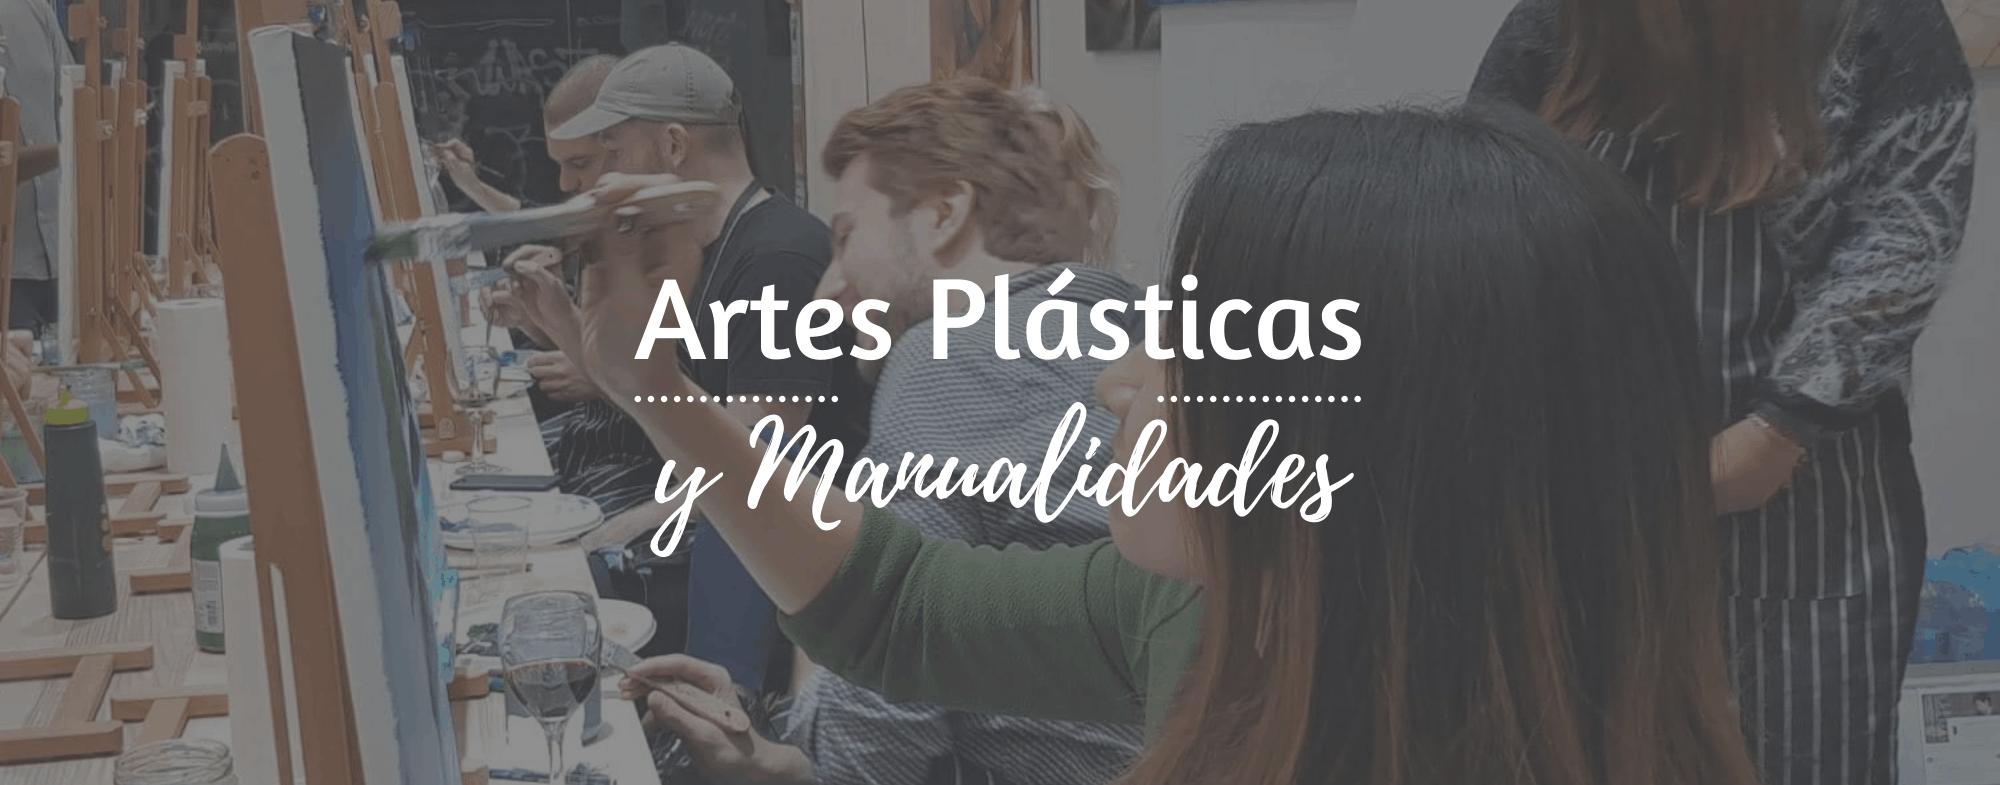 artes-plasticas-y-manualidades-5